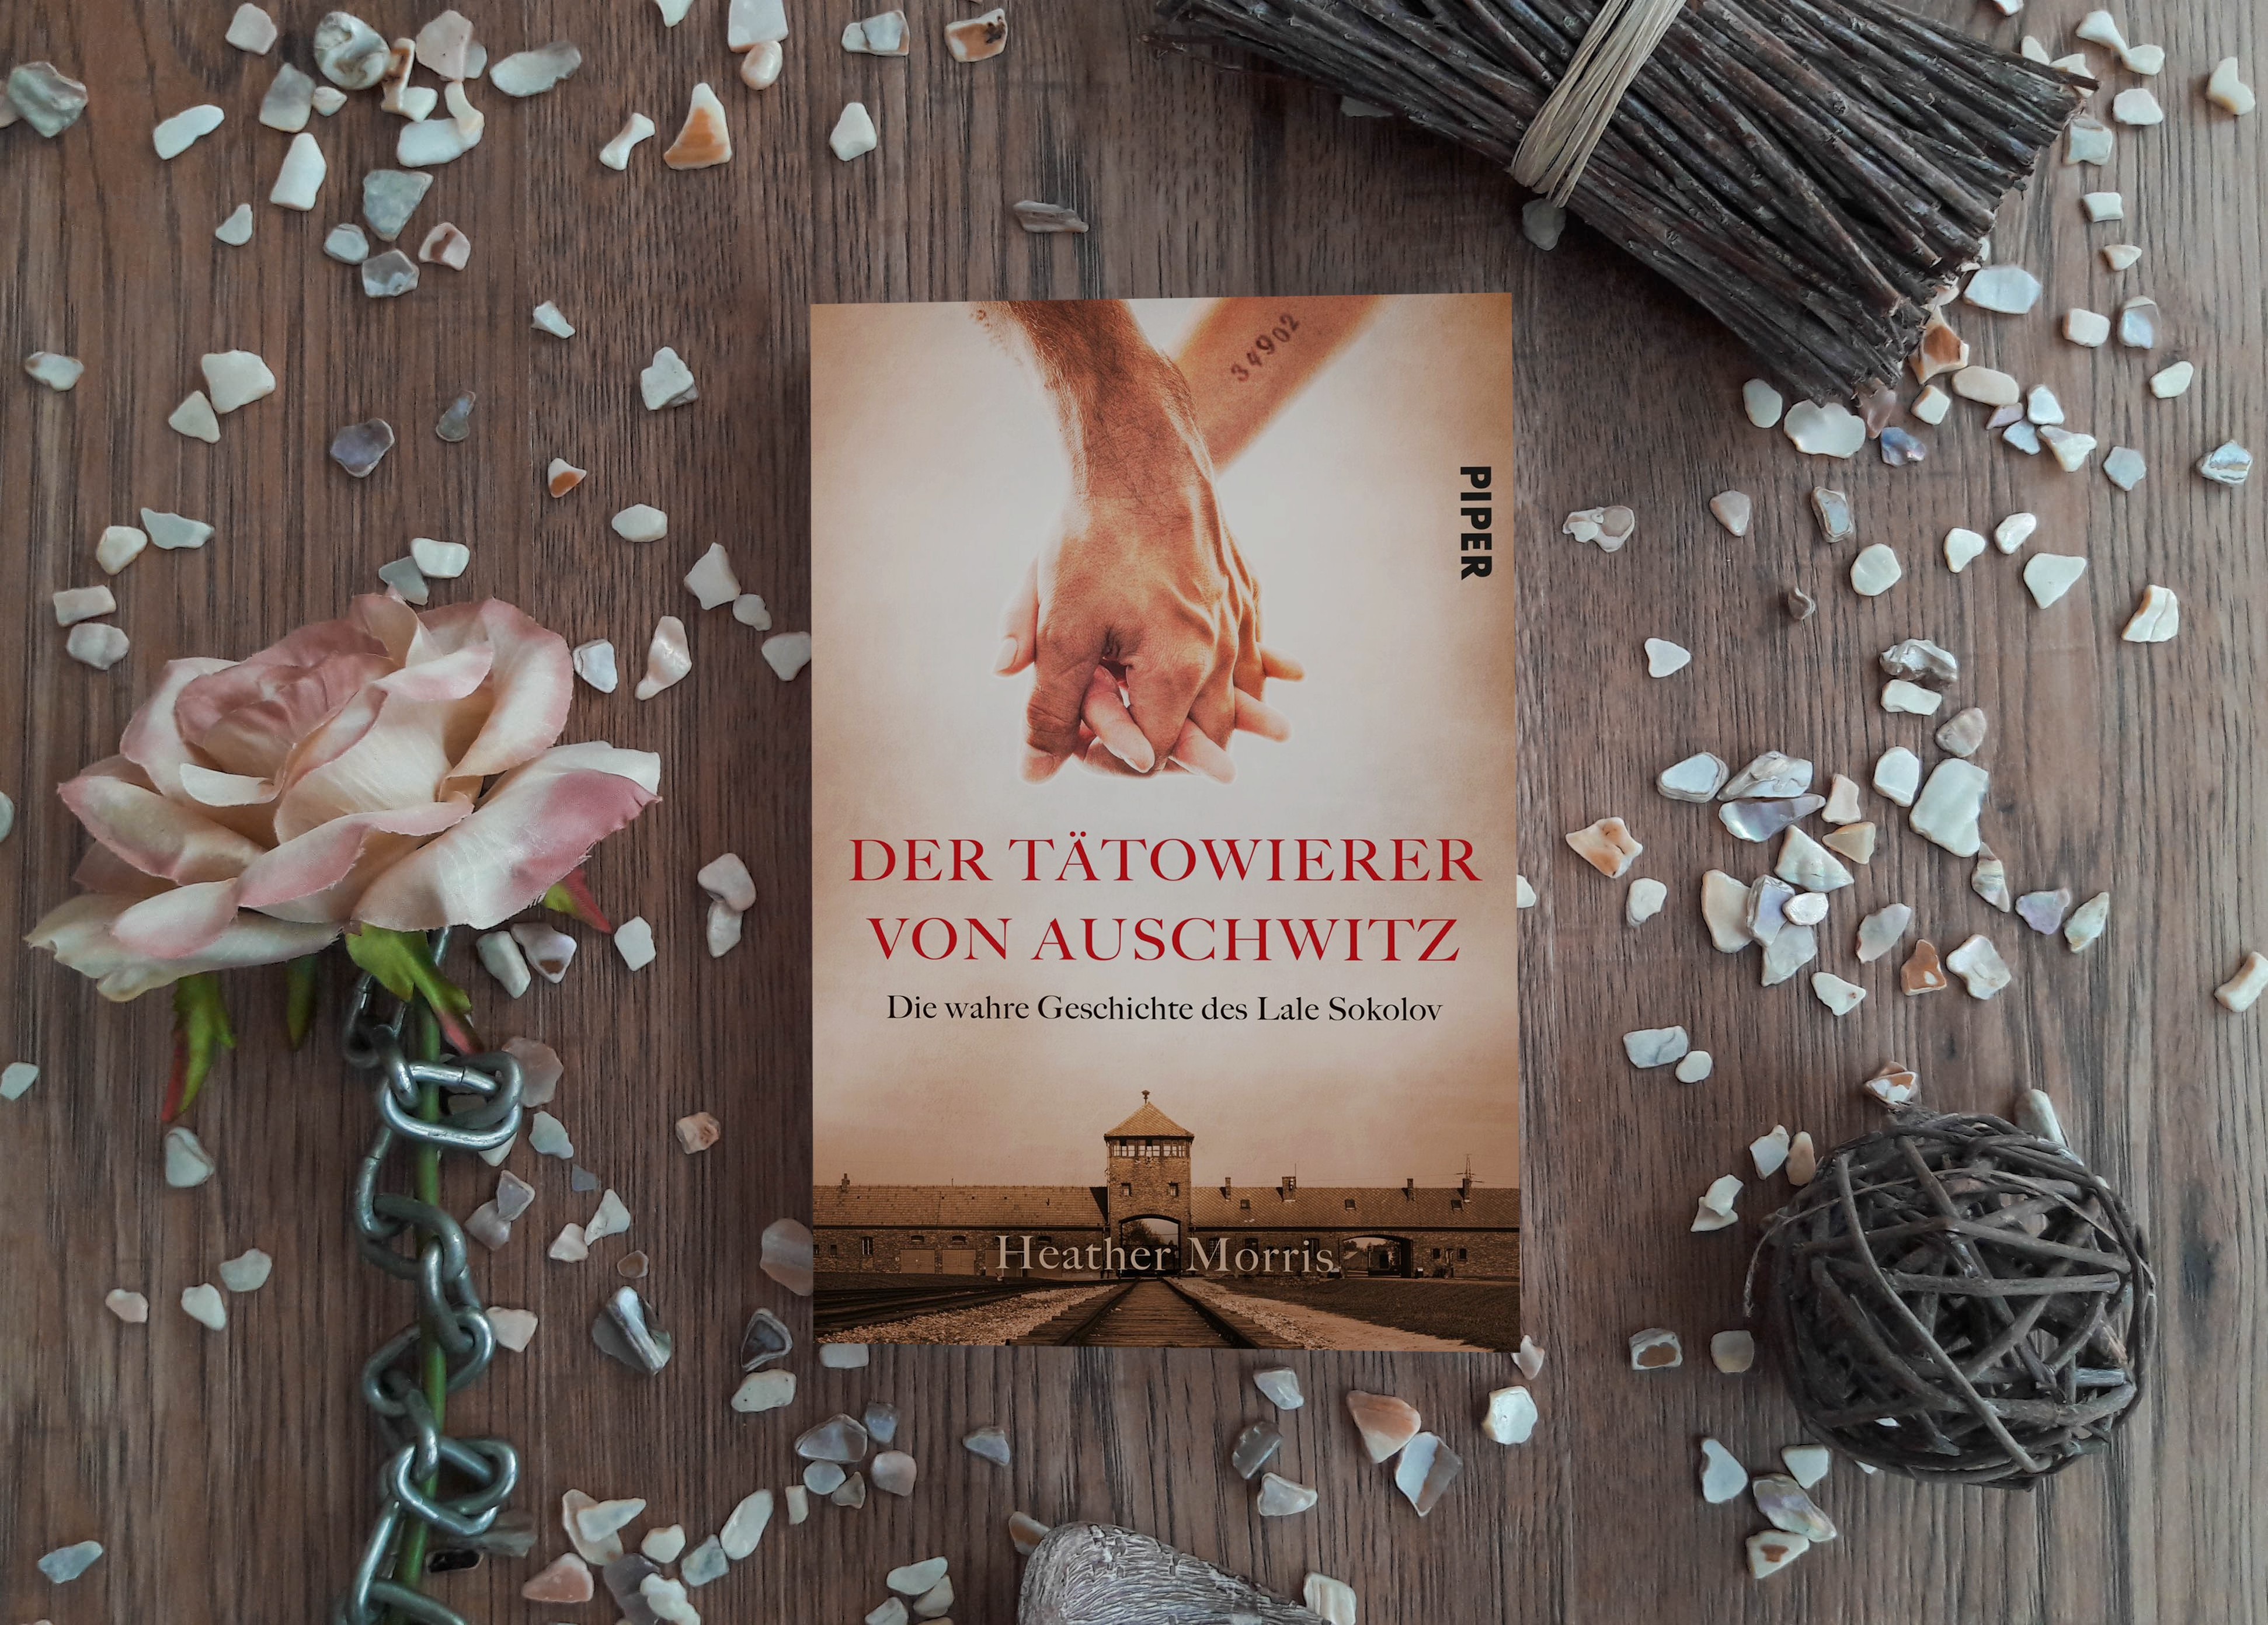 Der Tätowierer von Auschwitz – Heather Morris graphic